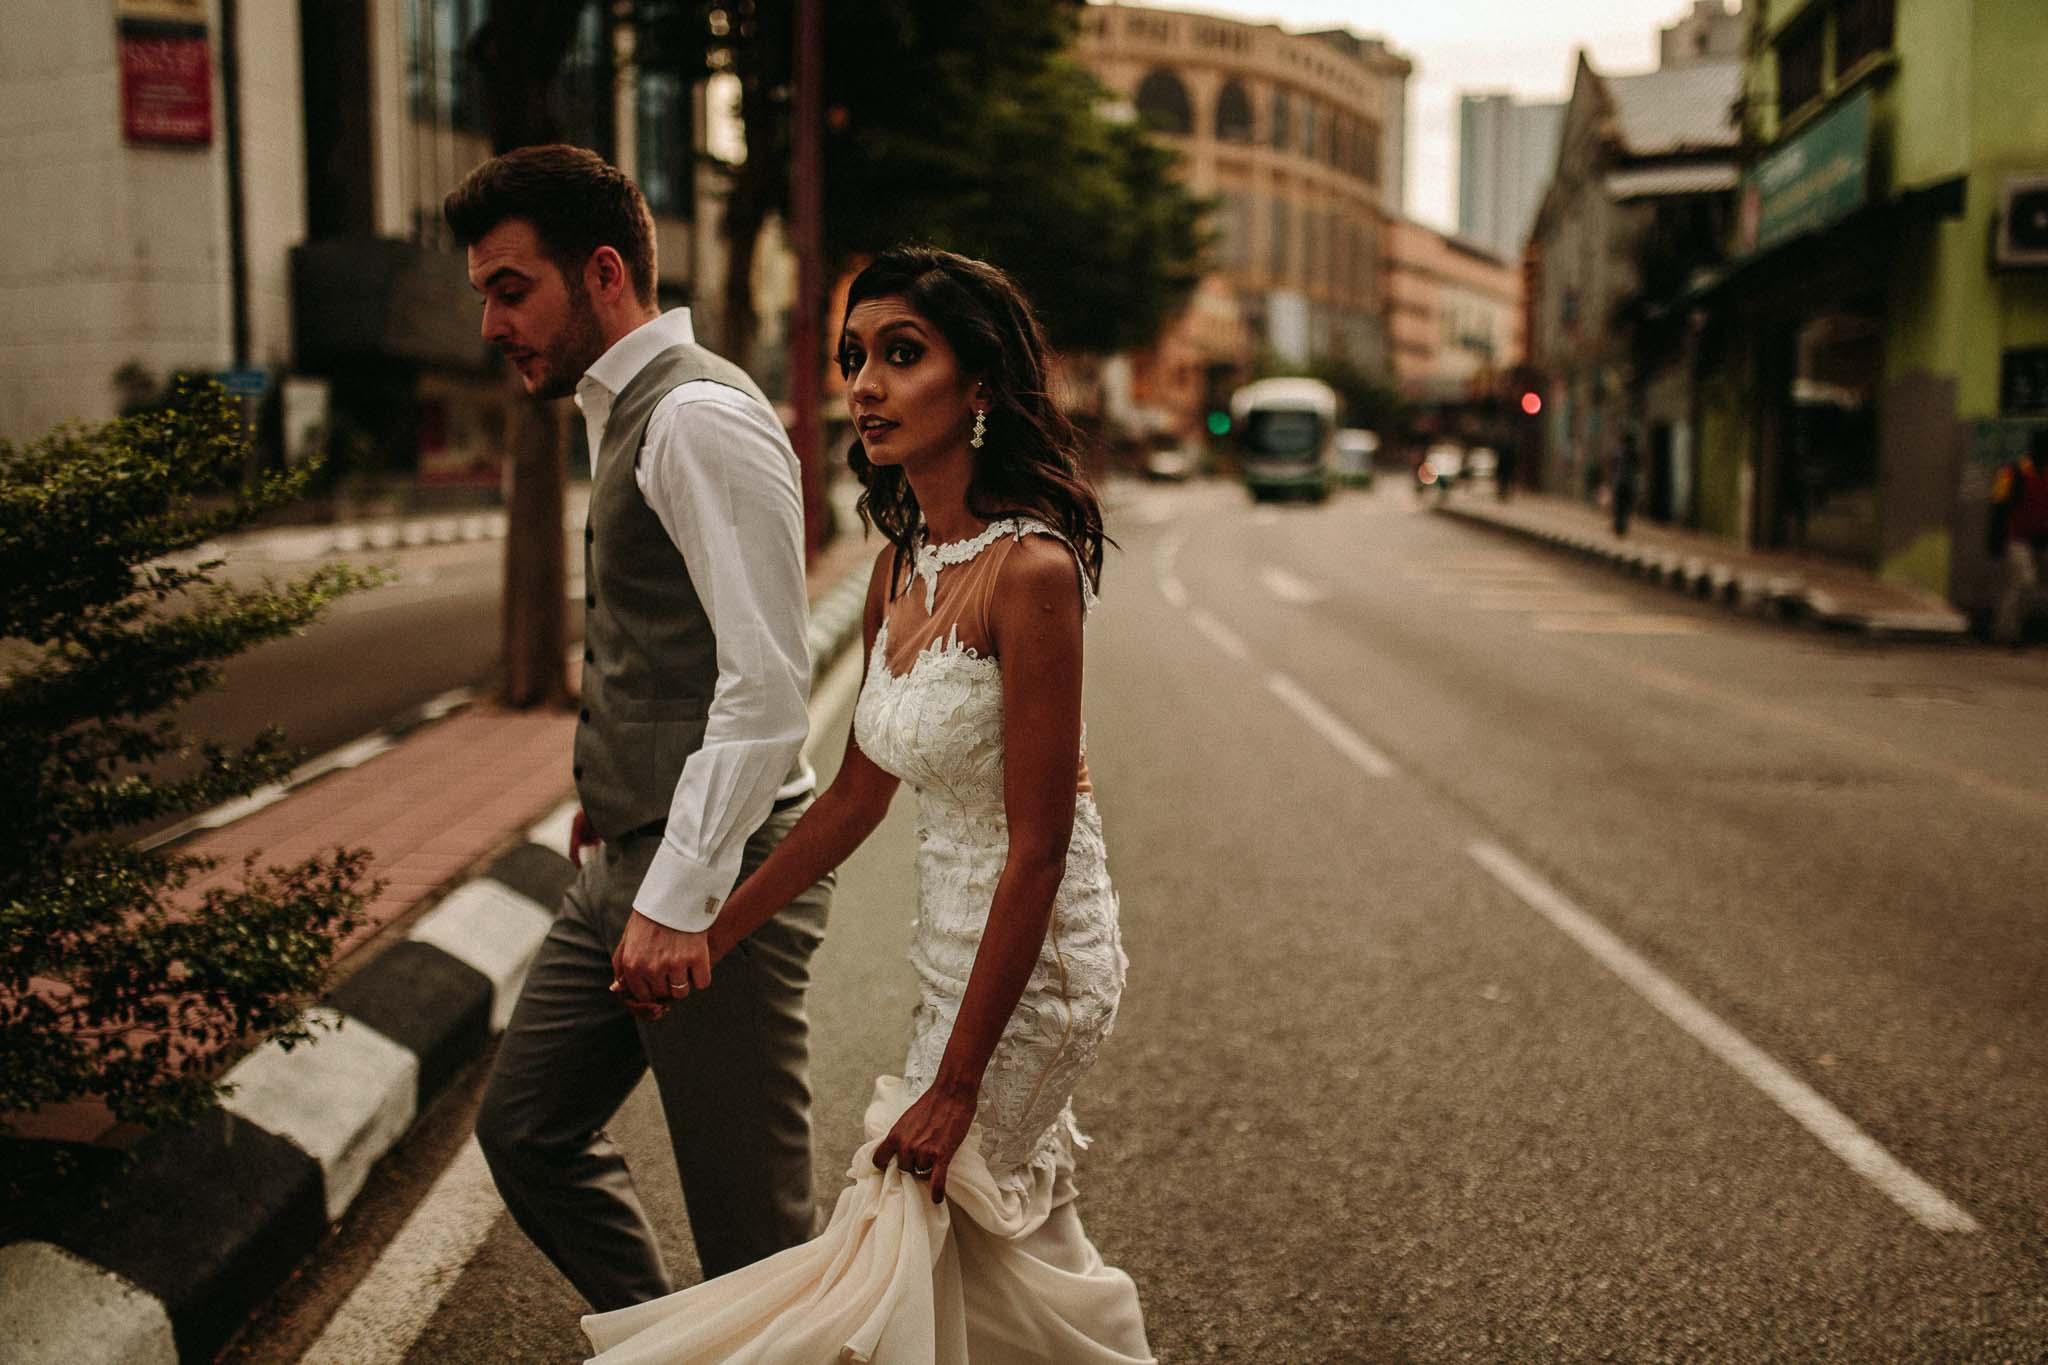 u&m-weddingsbyqay-lovesession-destinationweddingphotographer (102 of 160).jpg